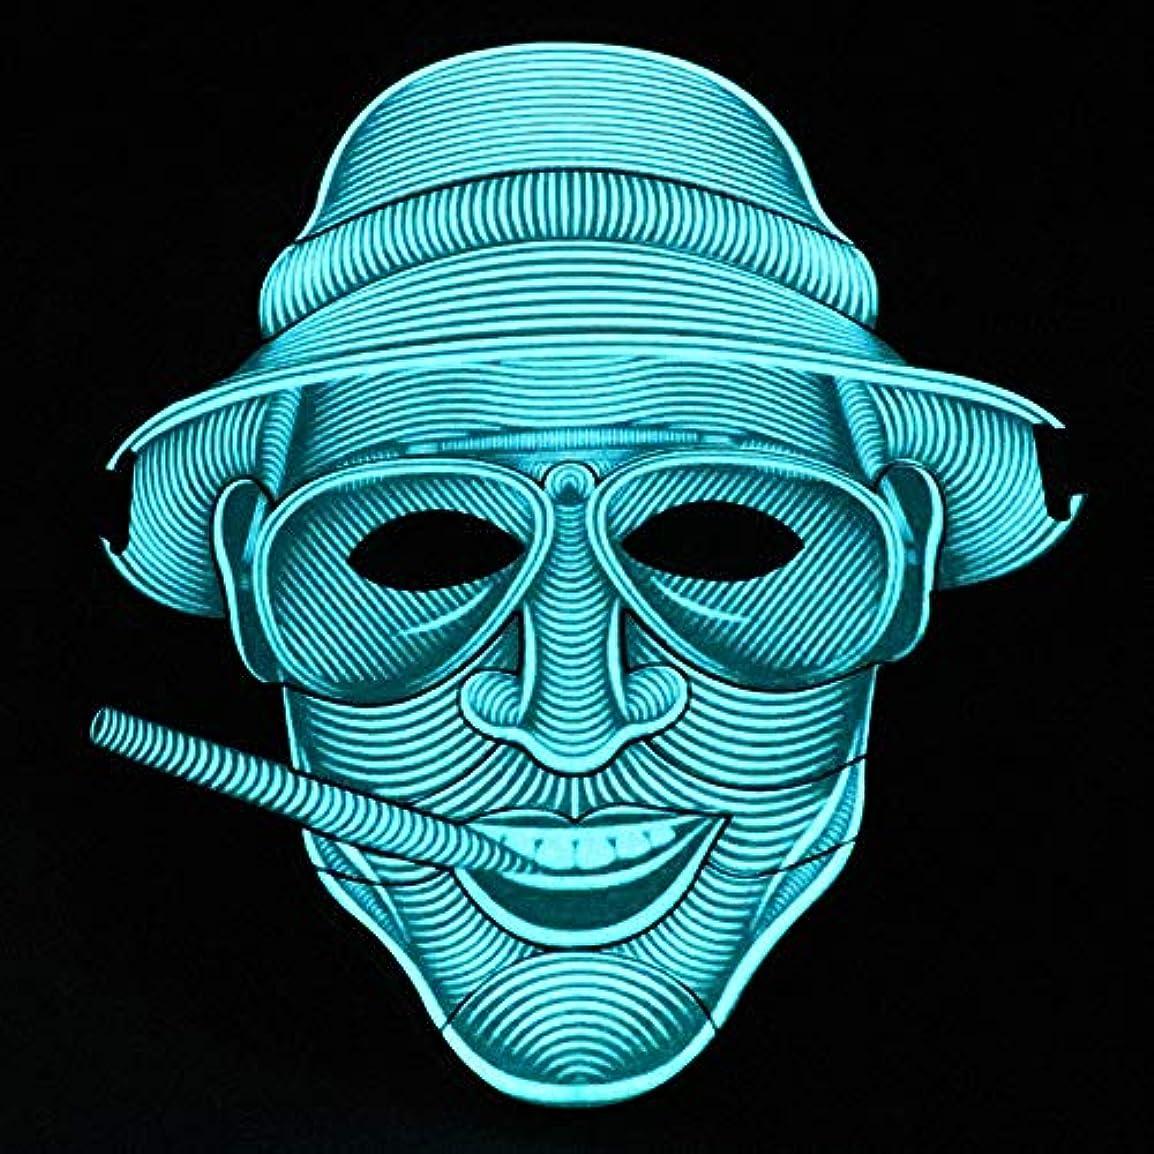 何かグローバルシリング照らされたマスクLED創造的な冷光音響制御マスクハロウィンバーフェスティバルダンスマスク (Color : #1)